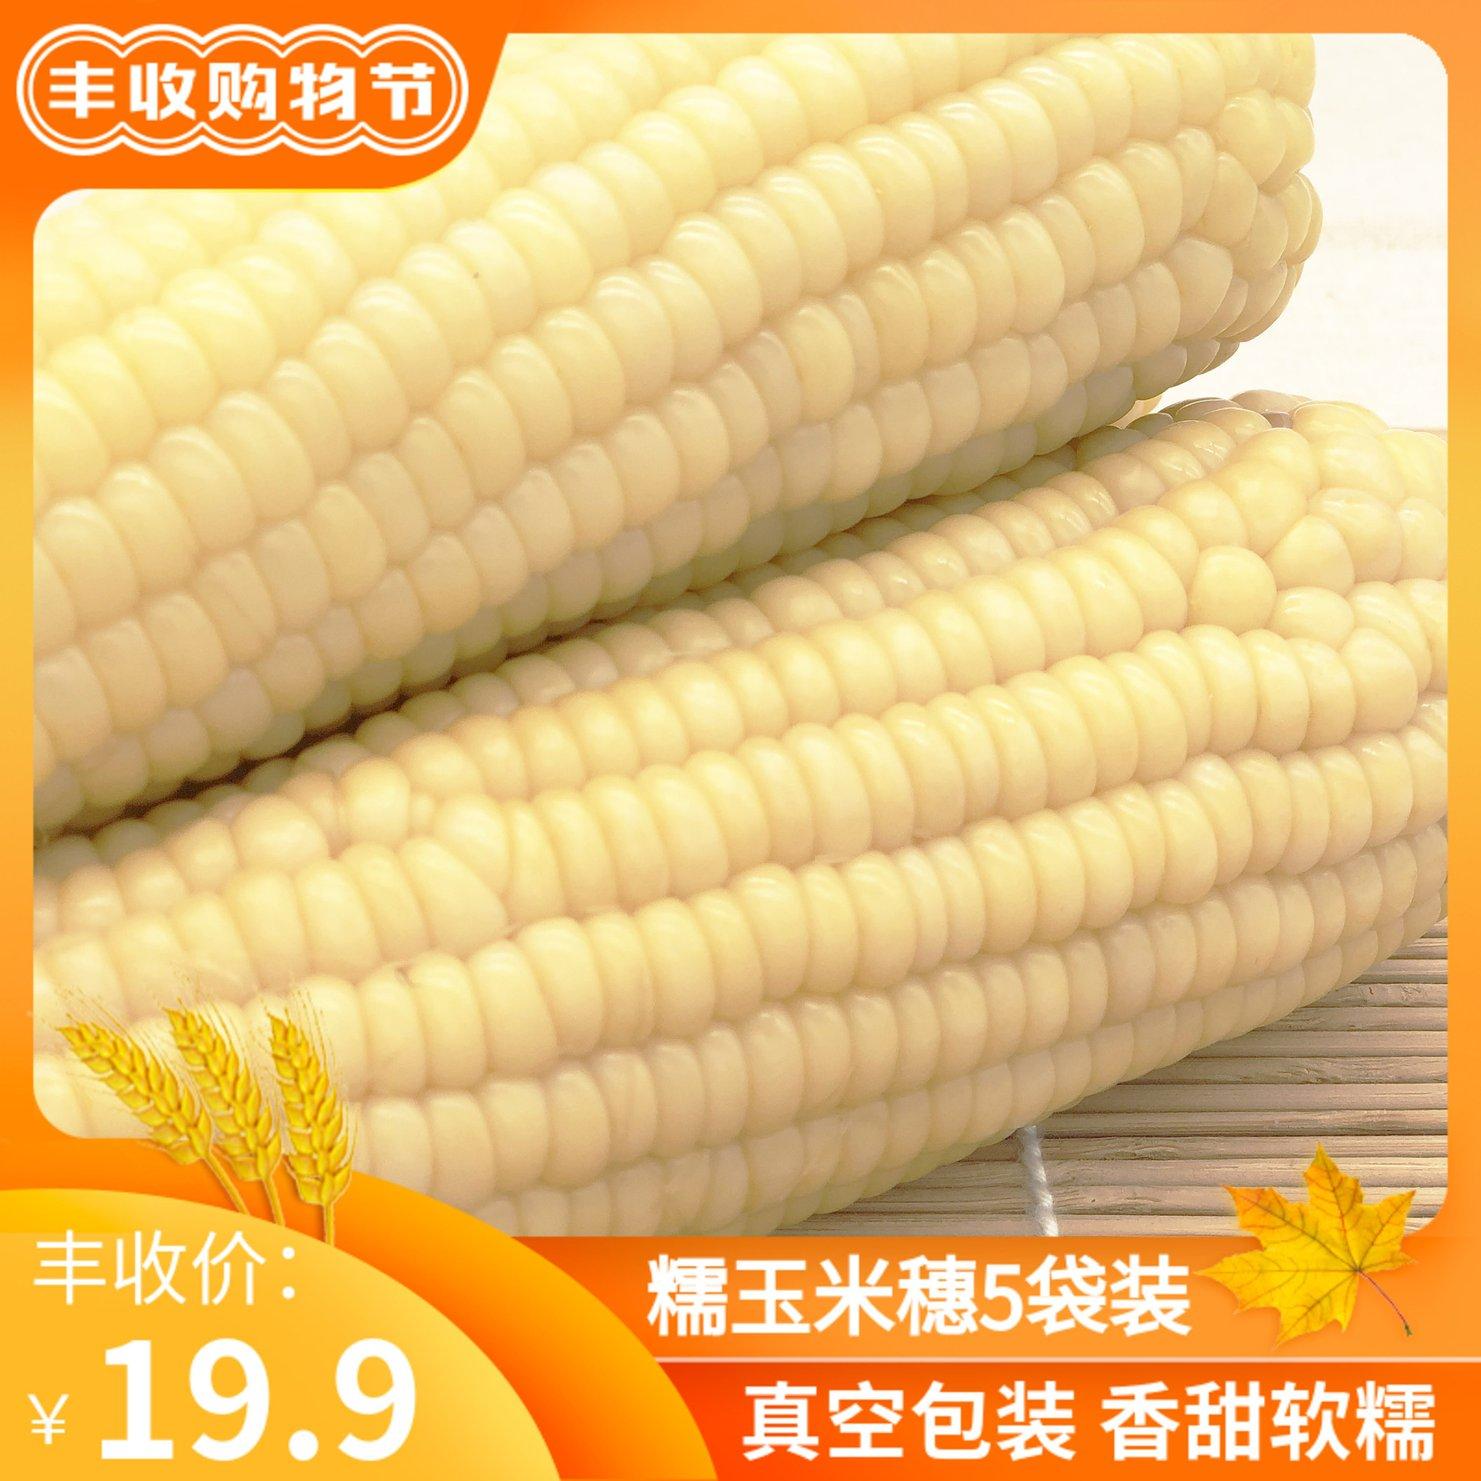 陕北村新鲜白糯5支真空即食粘玉米